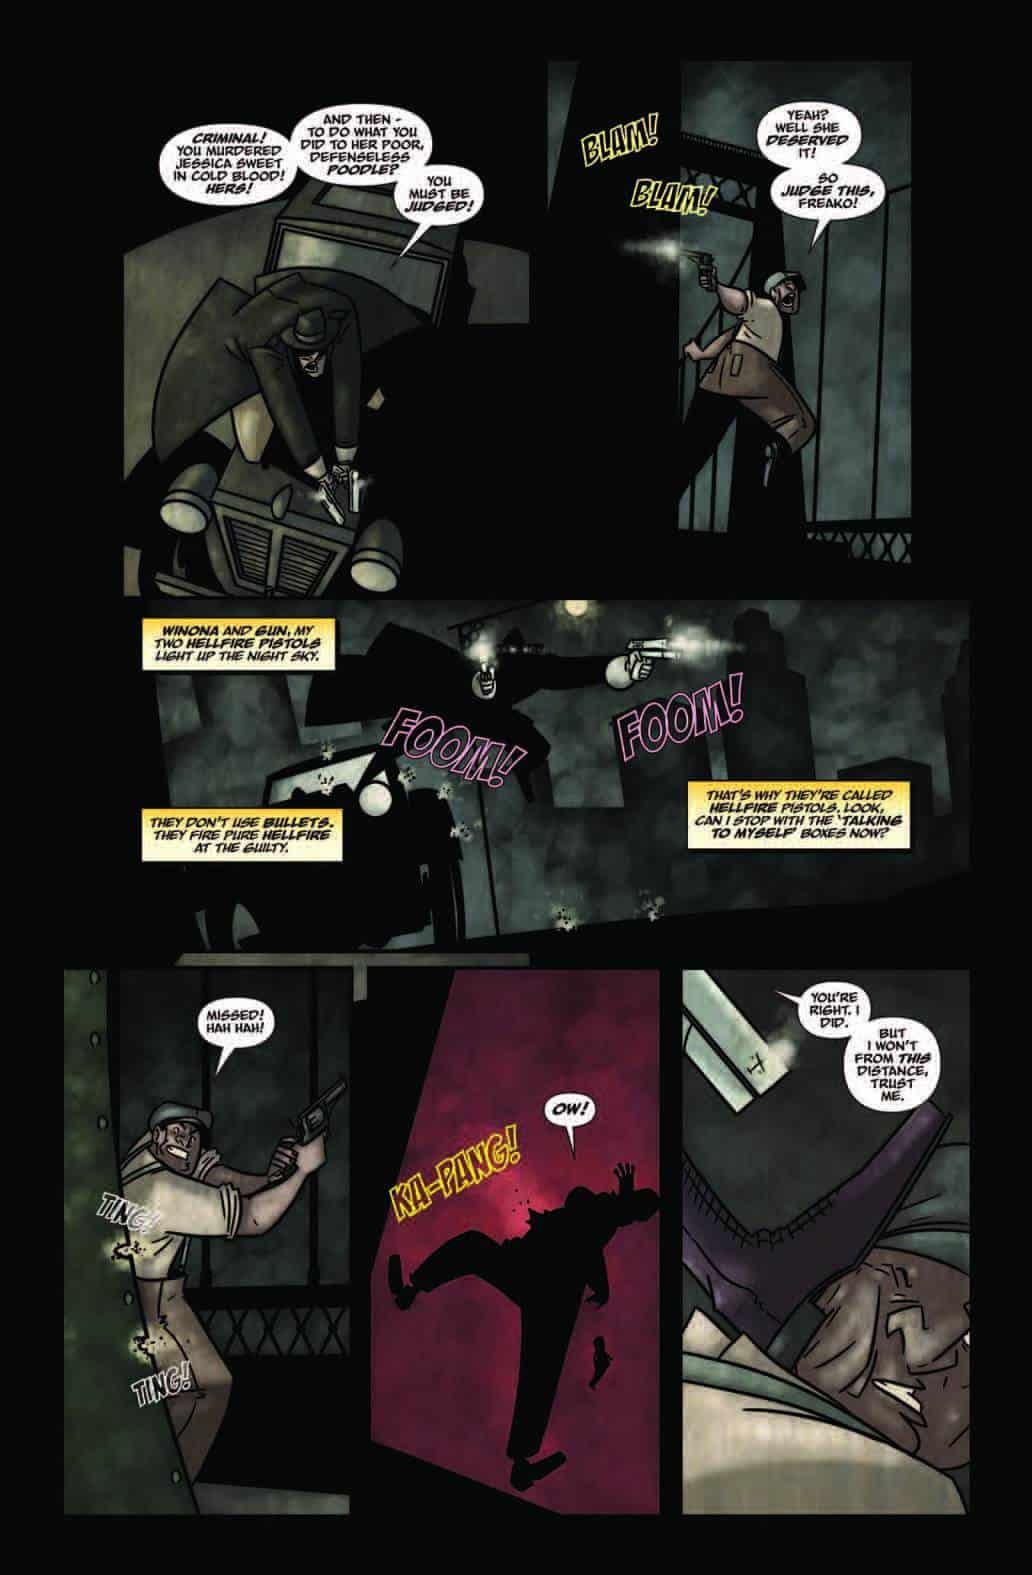 The Gloom 5